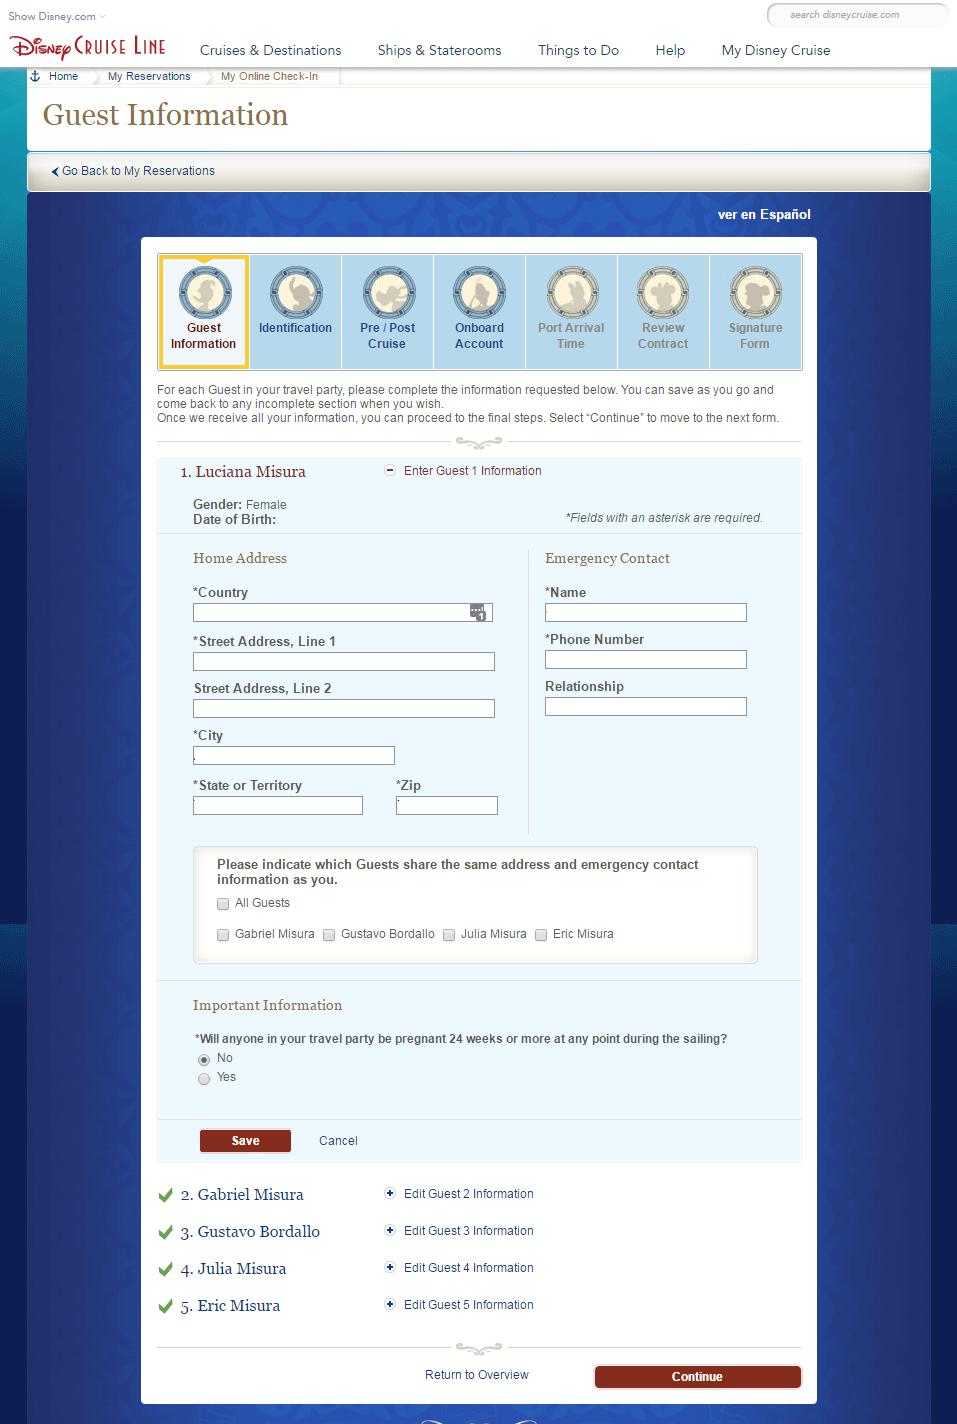 check in do cruzeiro Disney: Primeiro passo, Guest Information